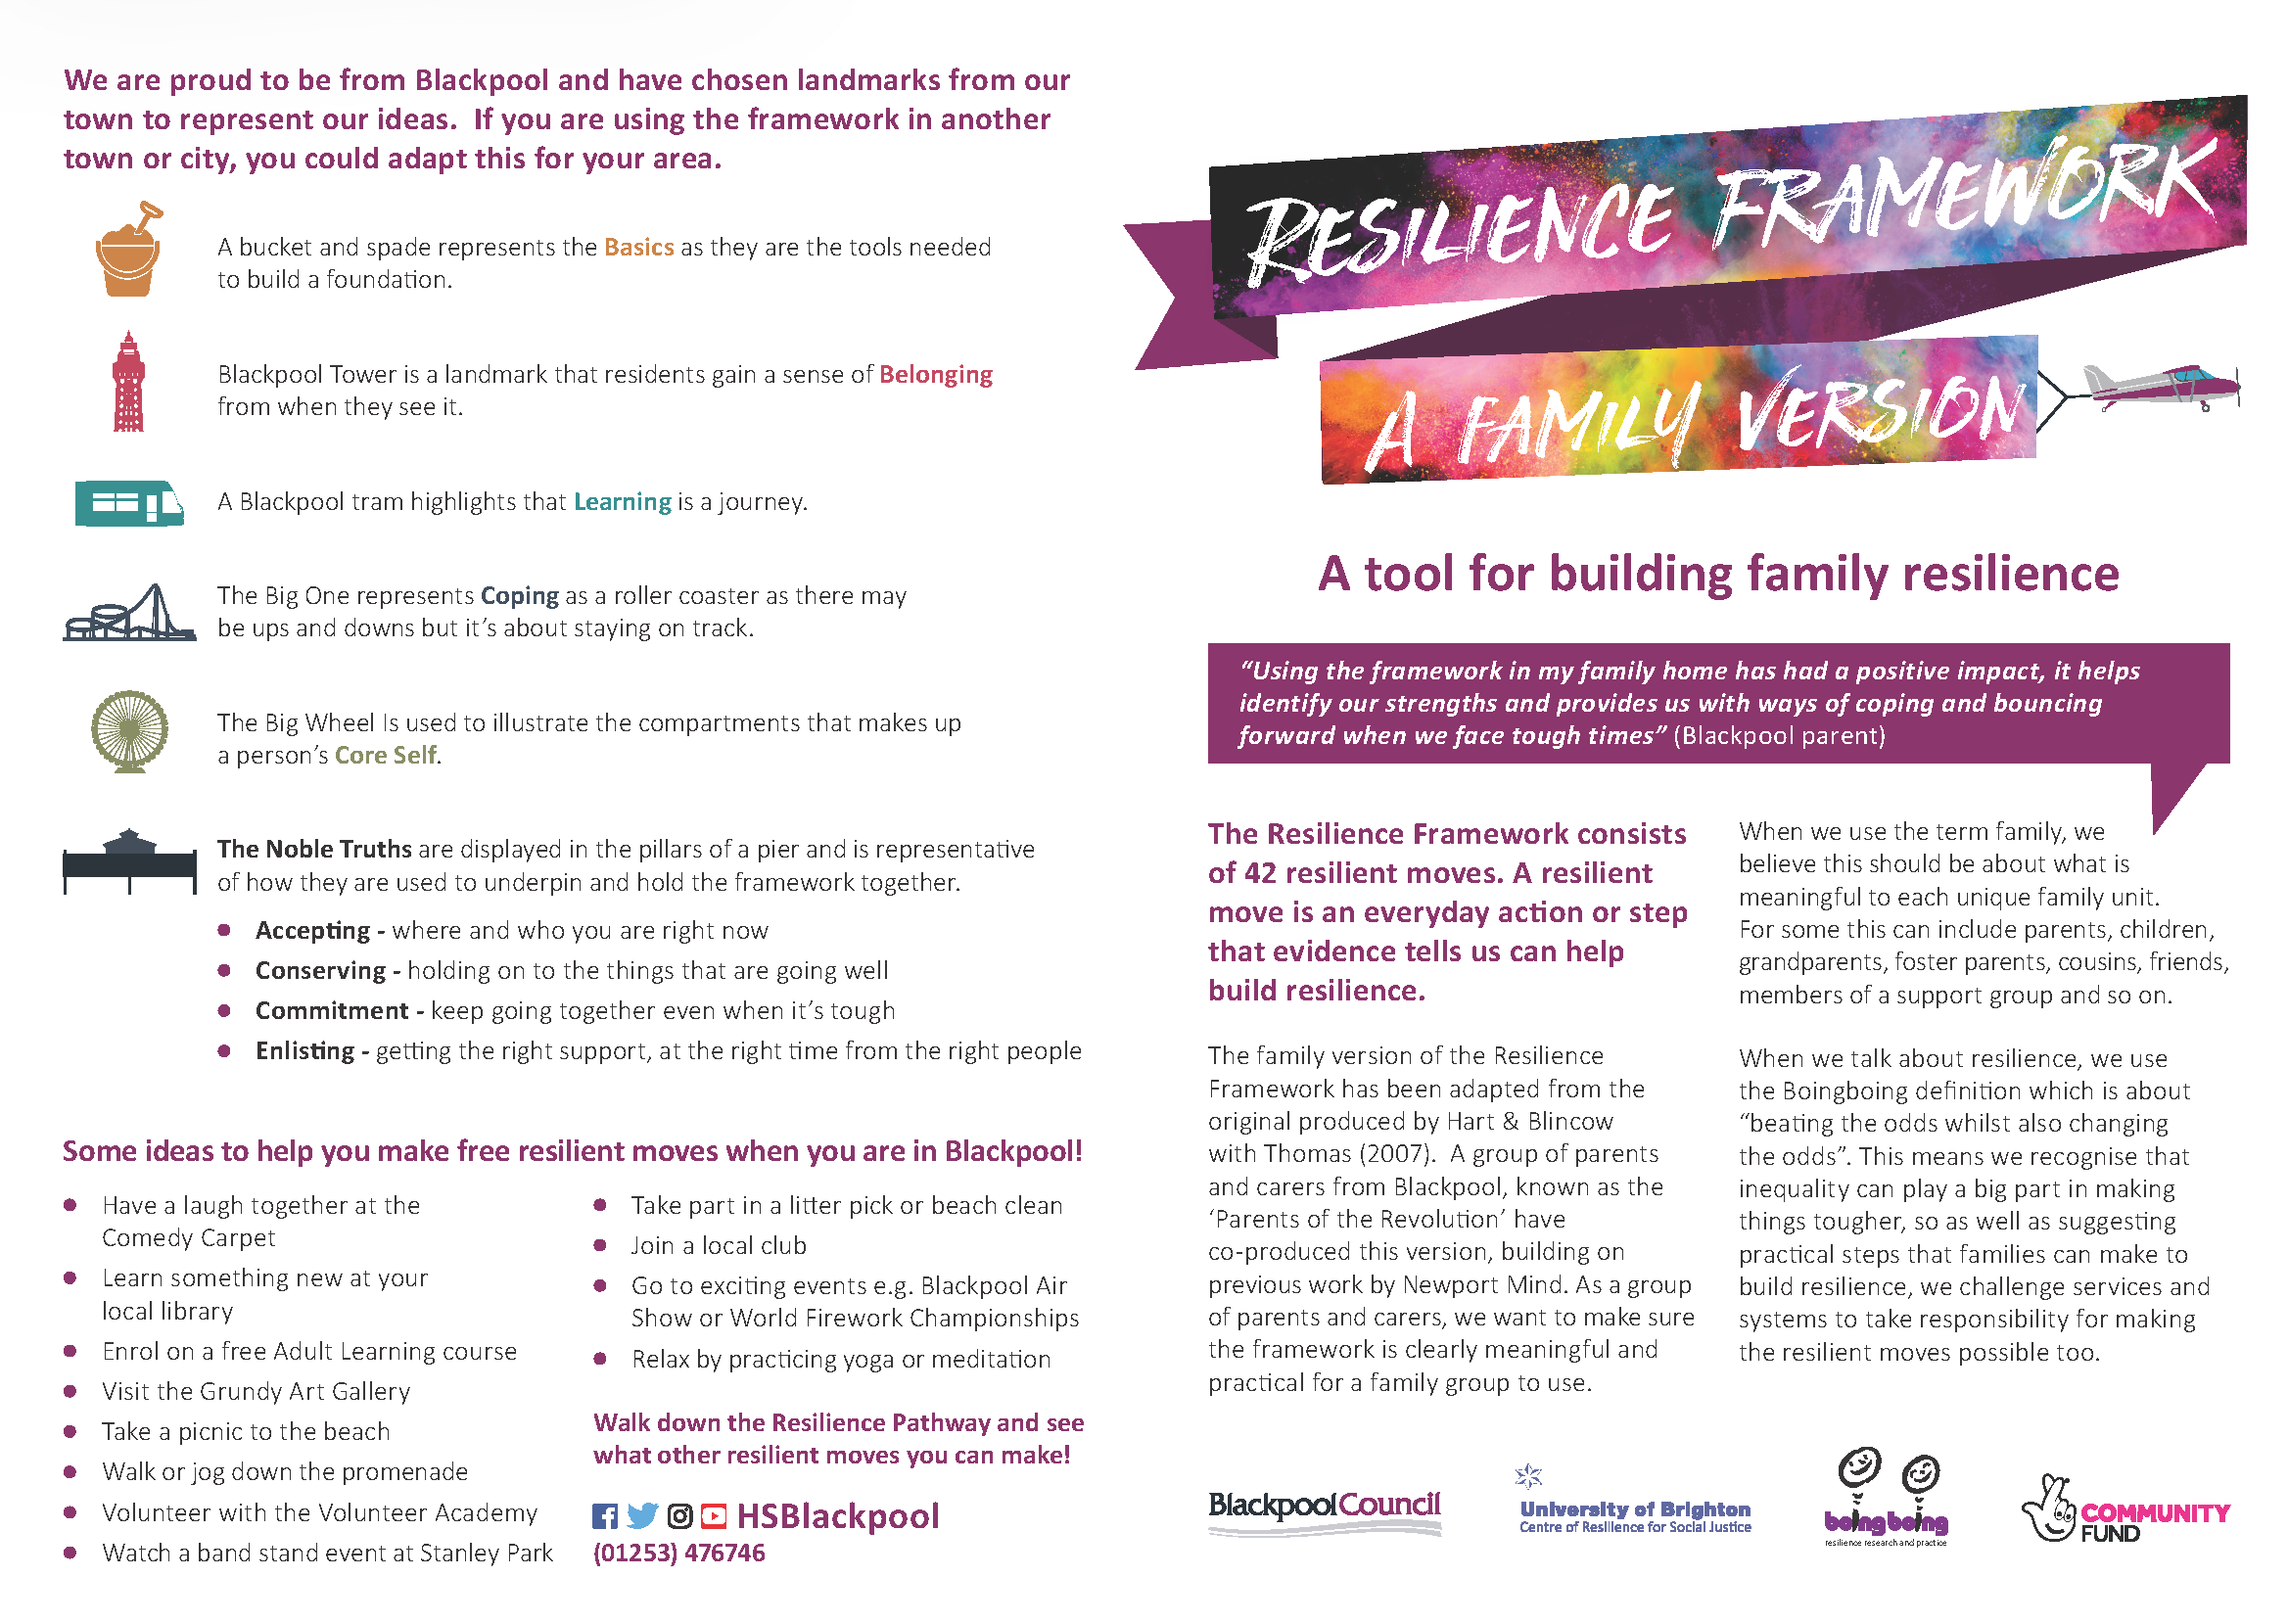 Family Resilience Framework Information